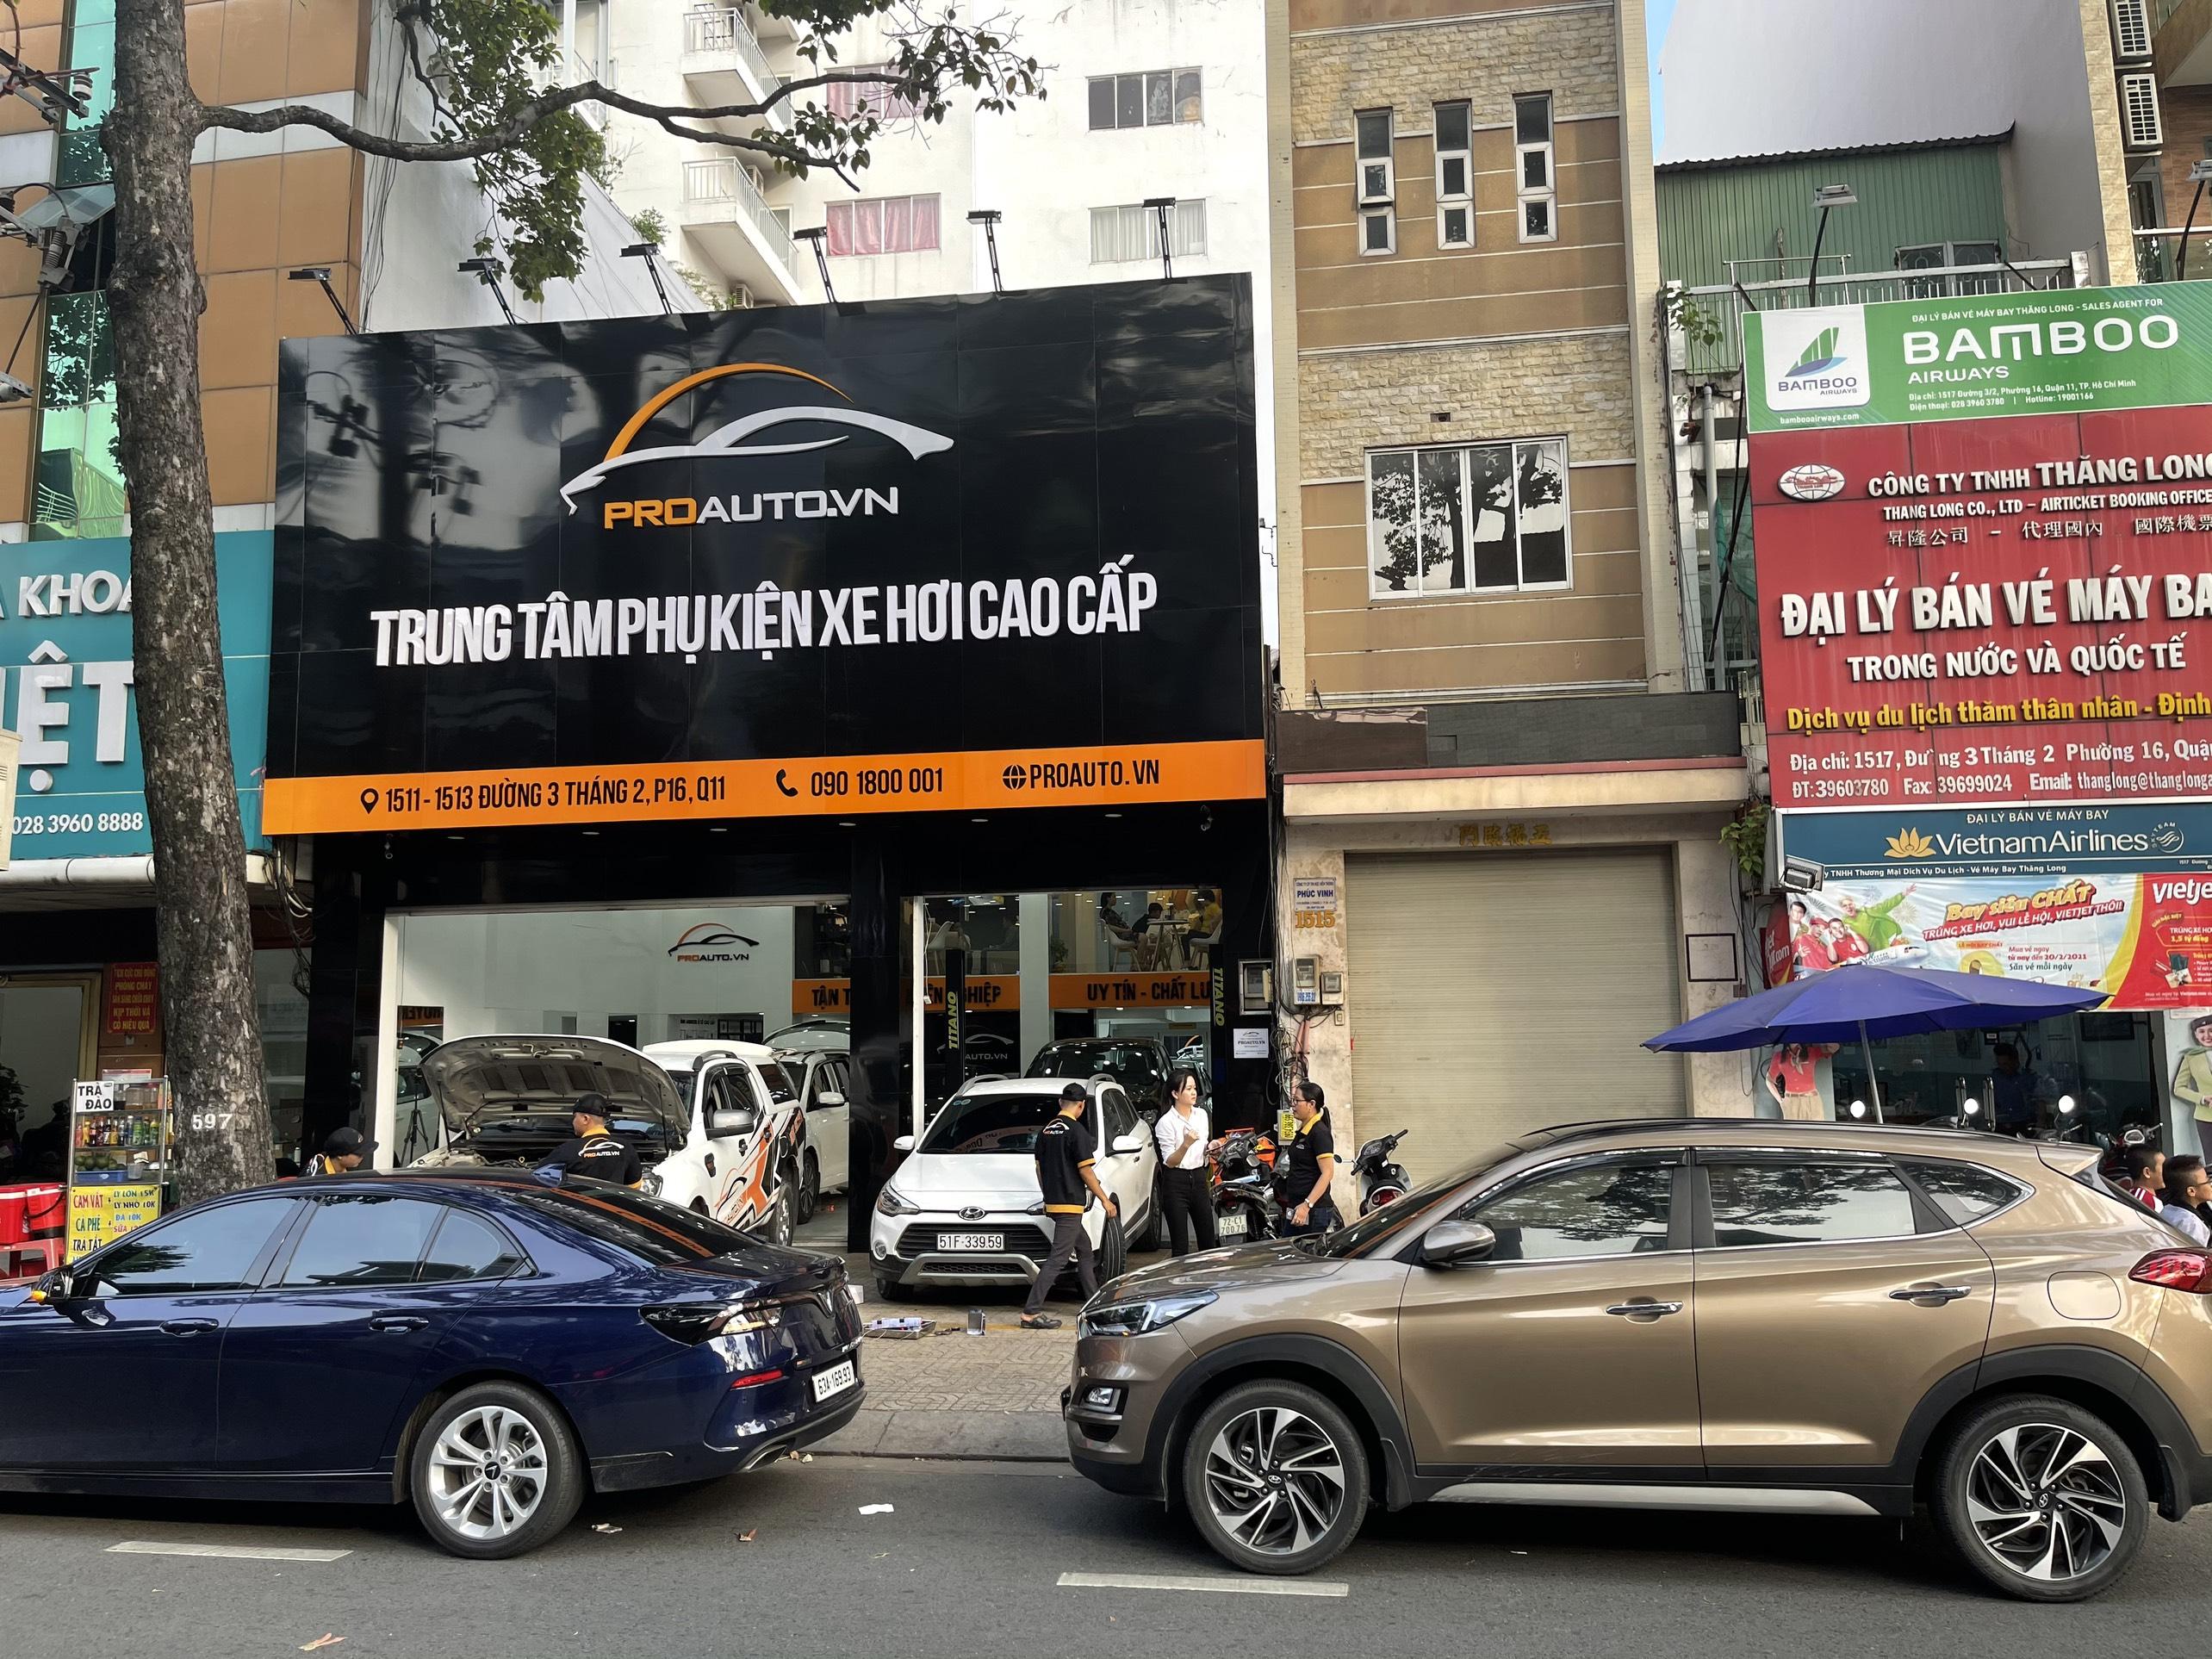 Trung tâm phụ kiện xe hơi cao cấp ProAuto.vn